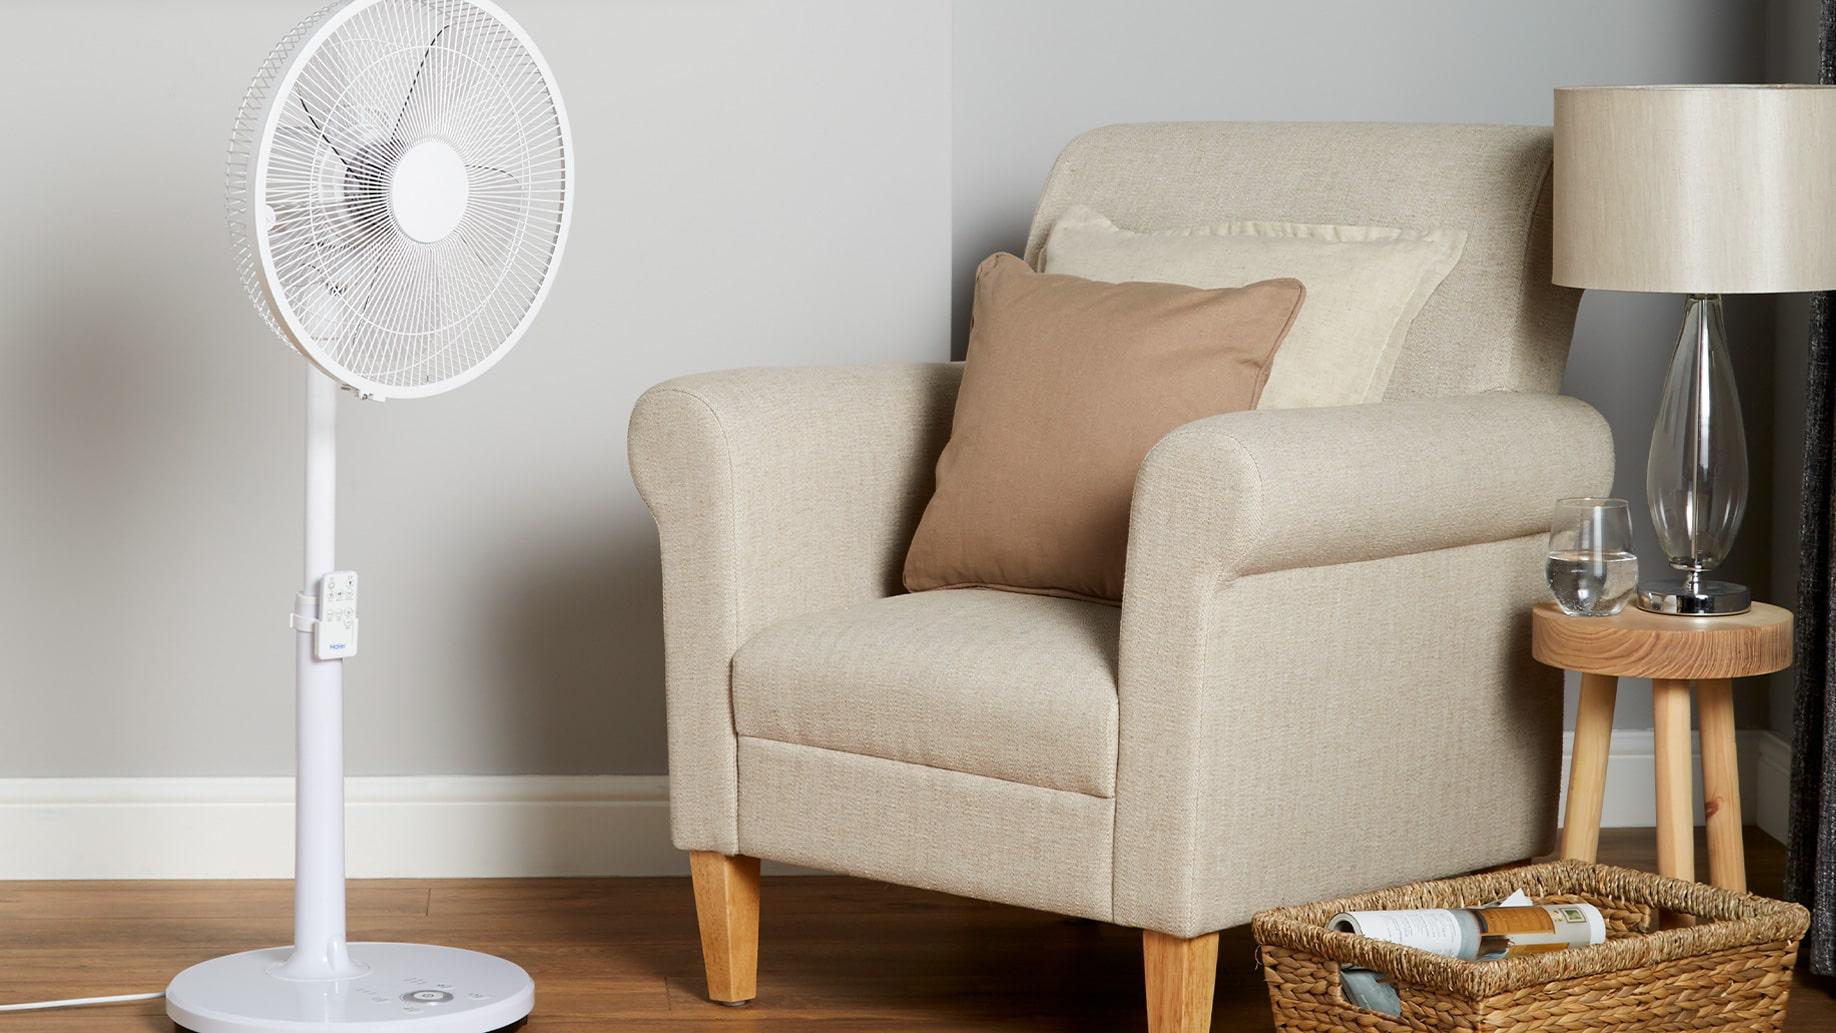 Alternativas al aire acondicionado para refrescar tu hogar en verano